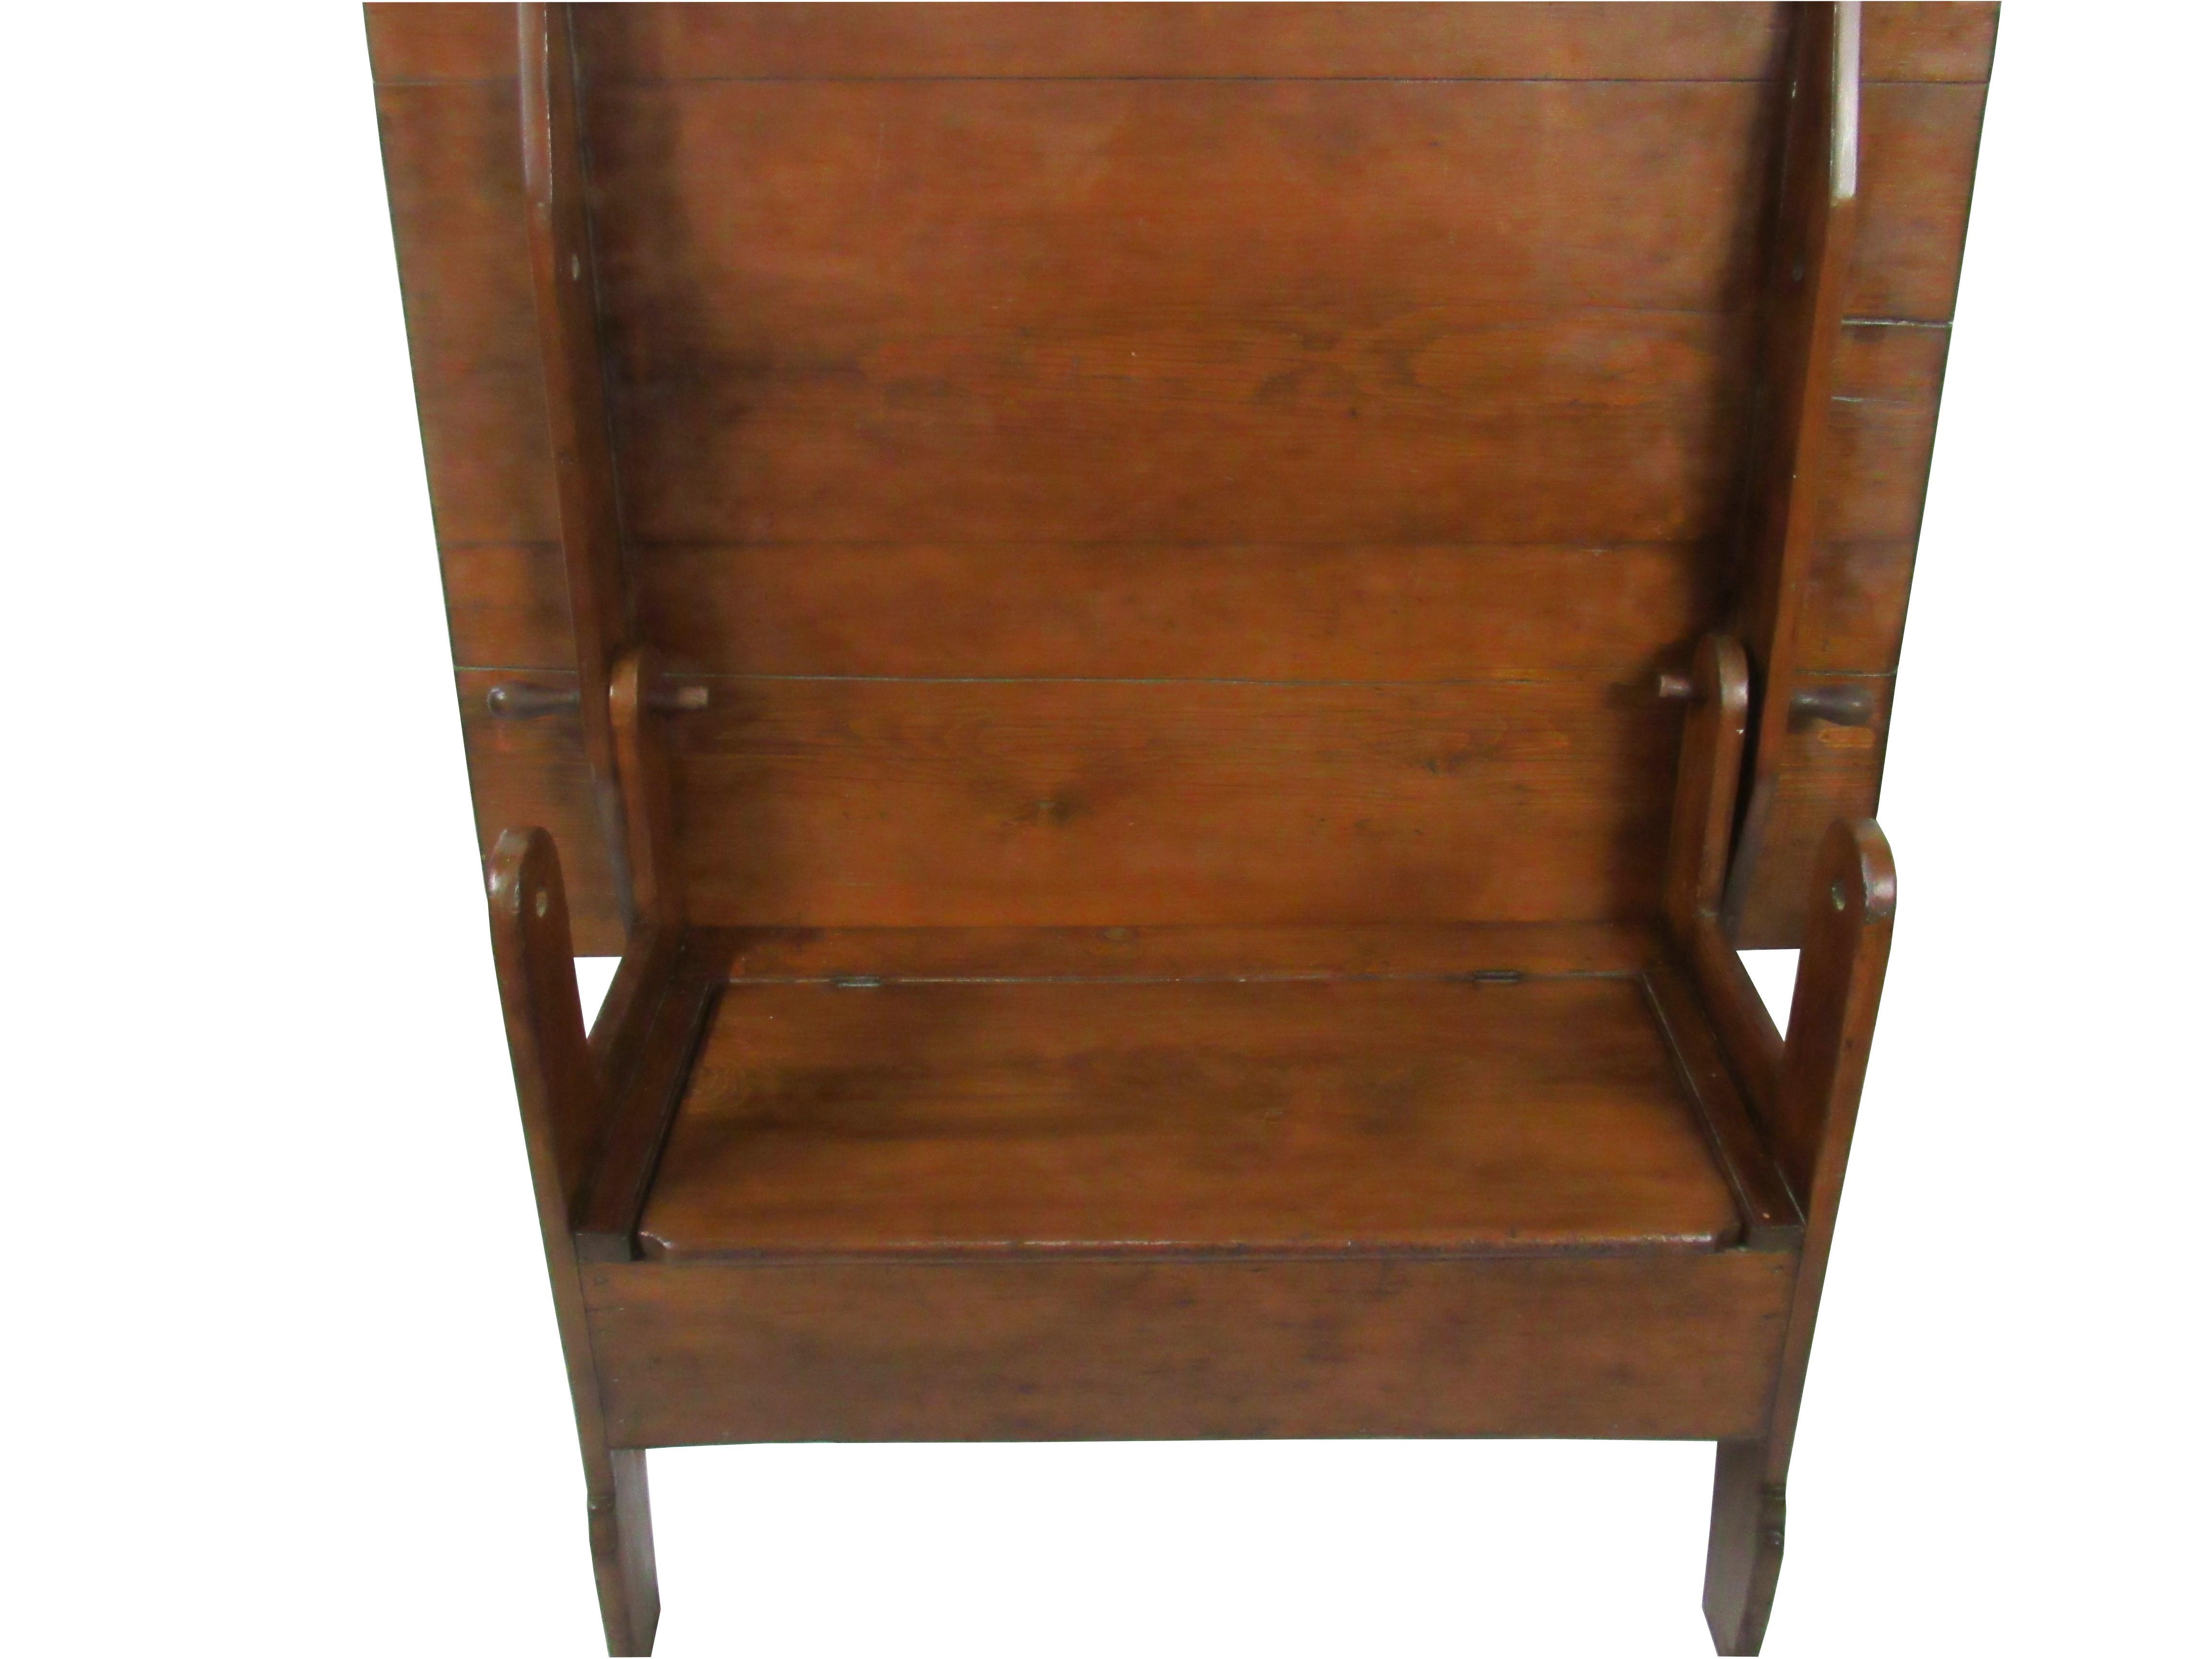 Antique Farmhouse Trestle Tilt Top Table Bench Chairish